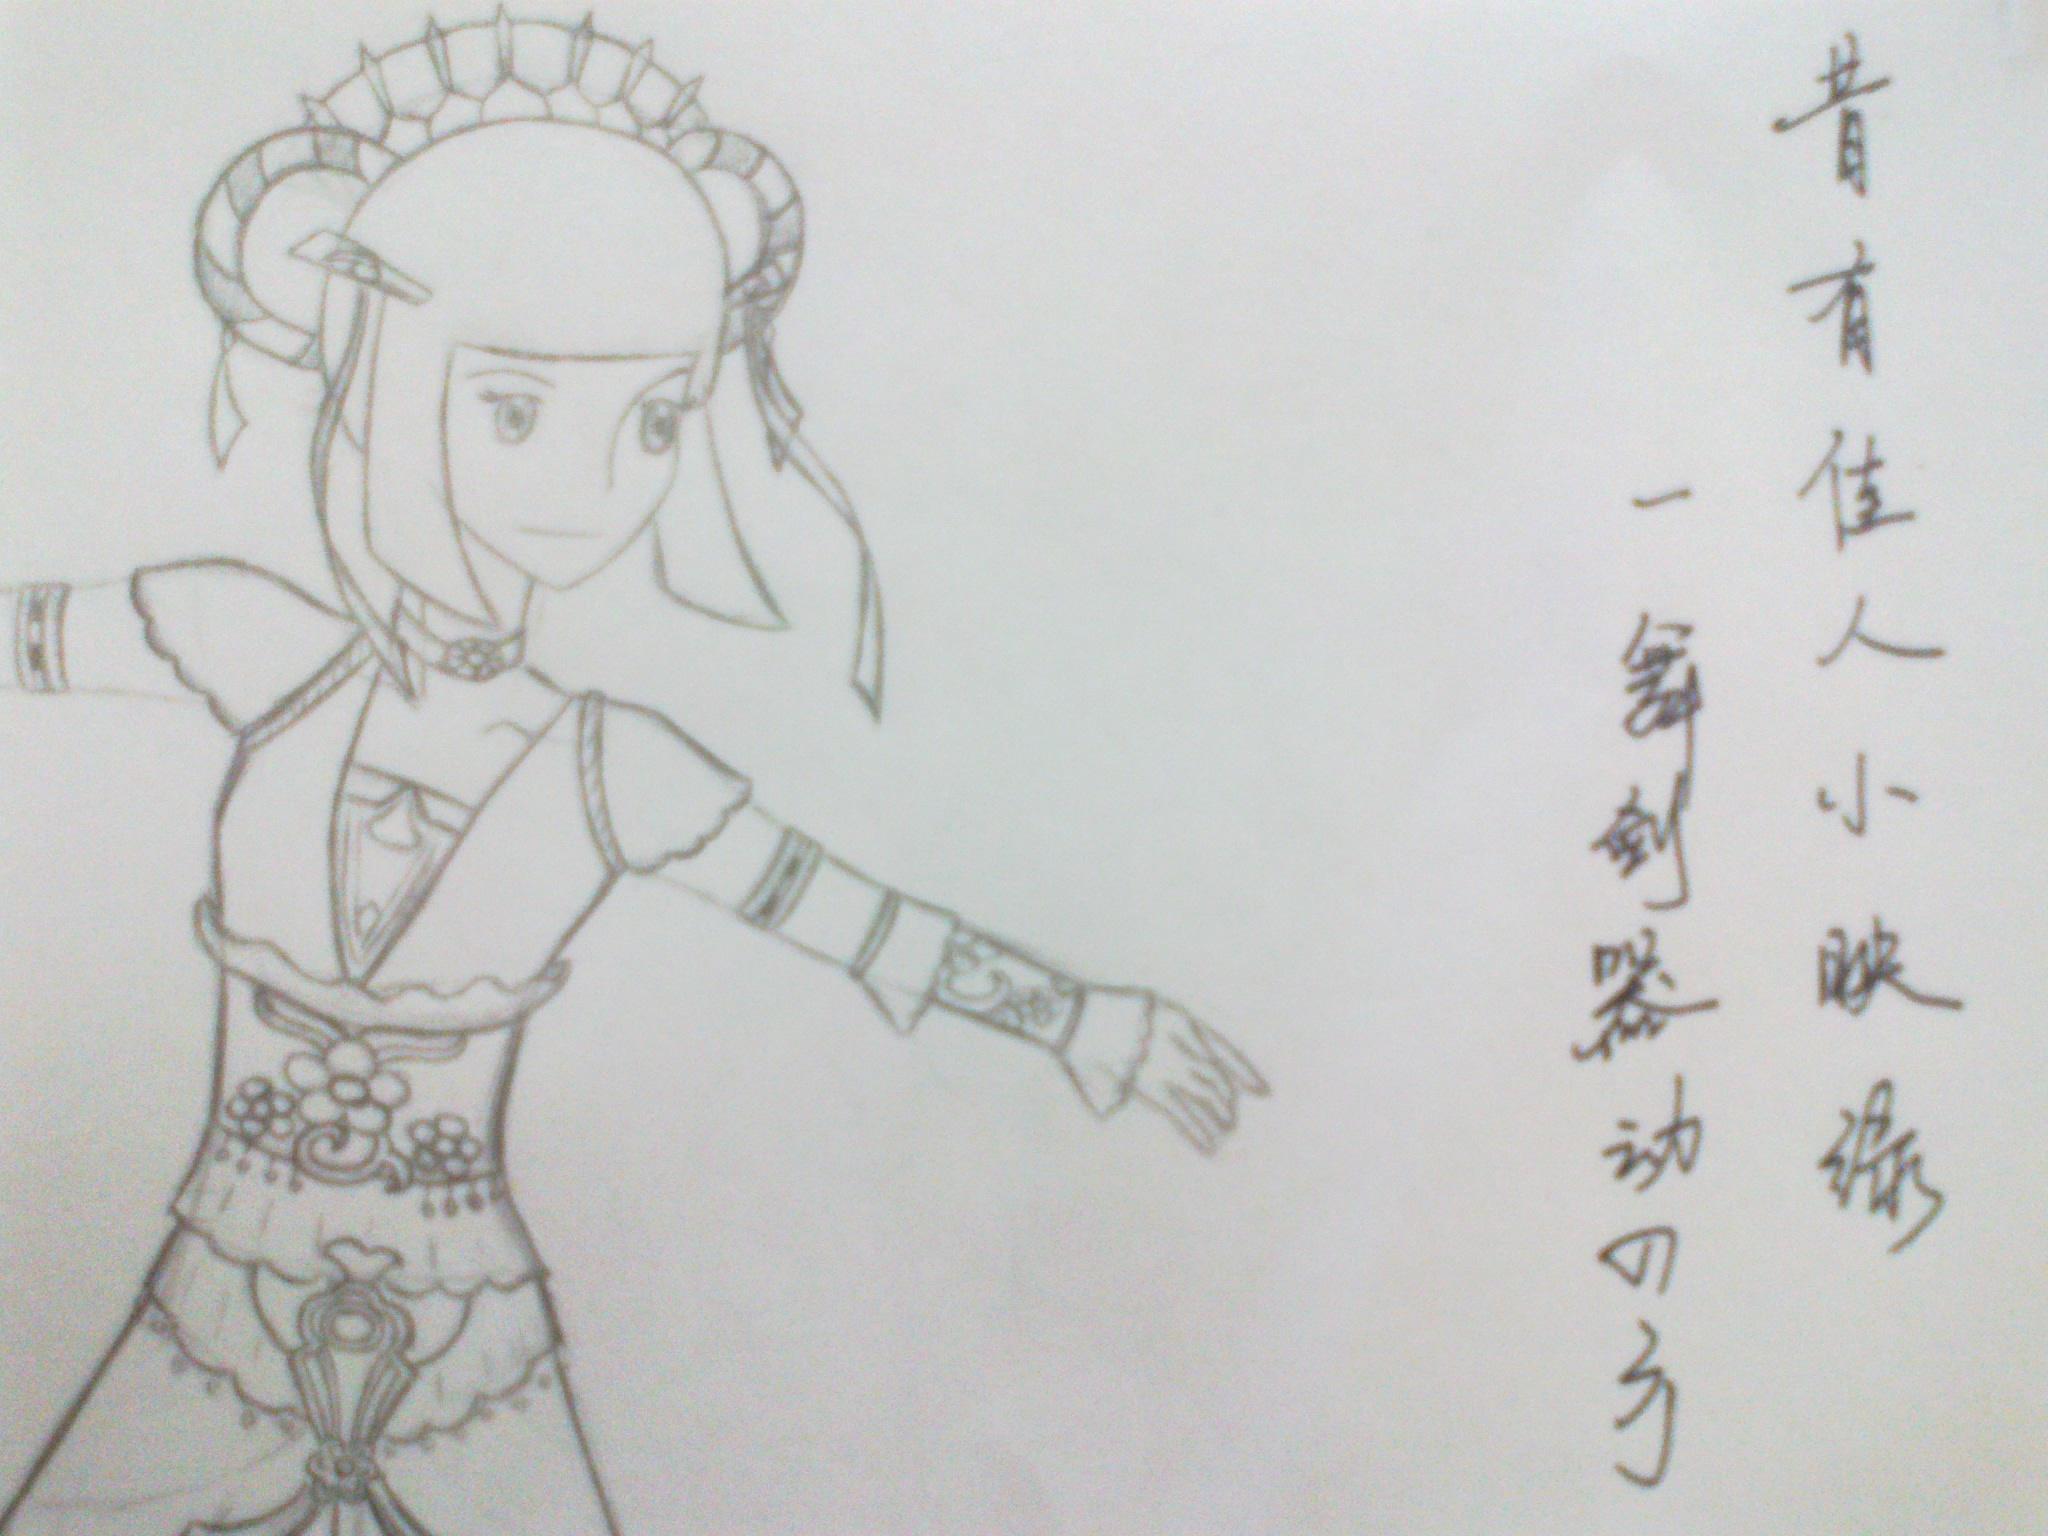 铅笔q版手绘少女